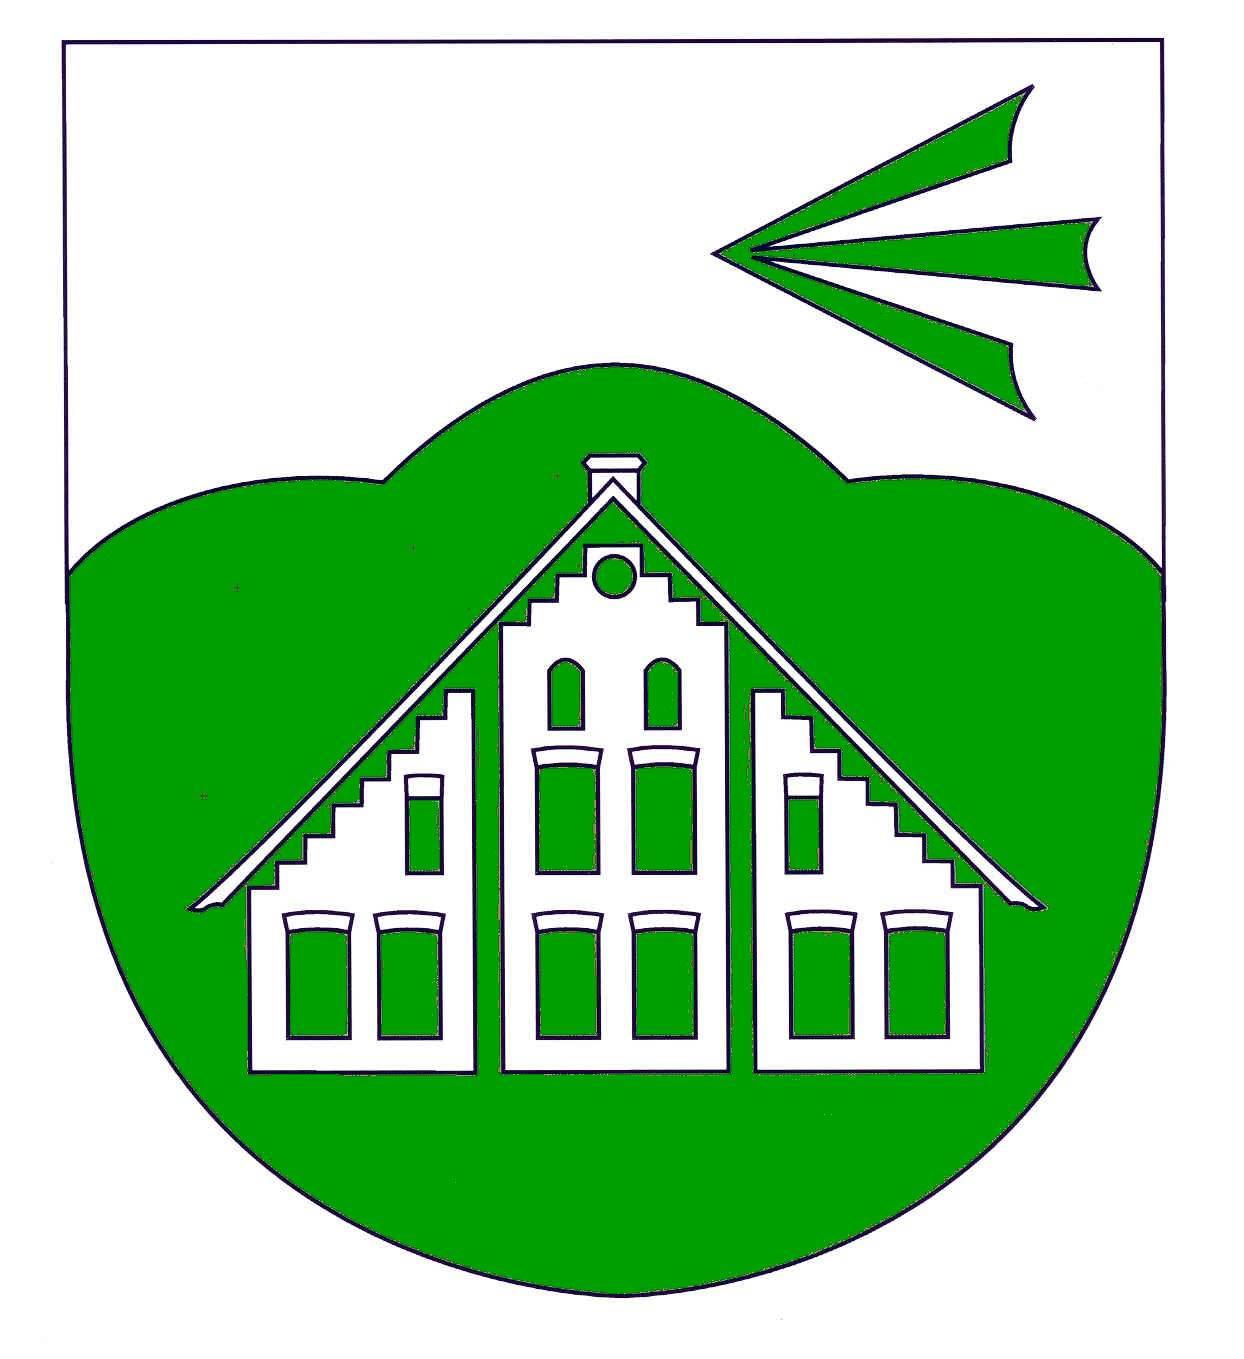 Wappen GemeindeBliestorf, Kreis Herzogtum Lauenburg